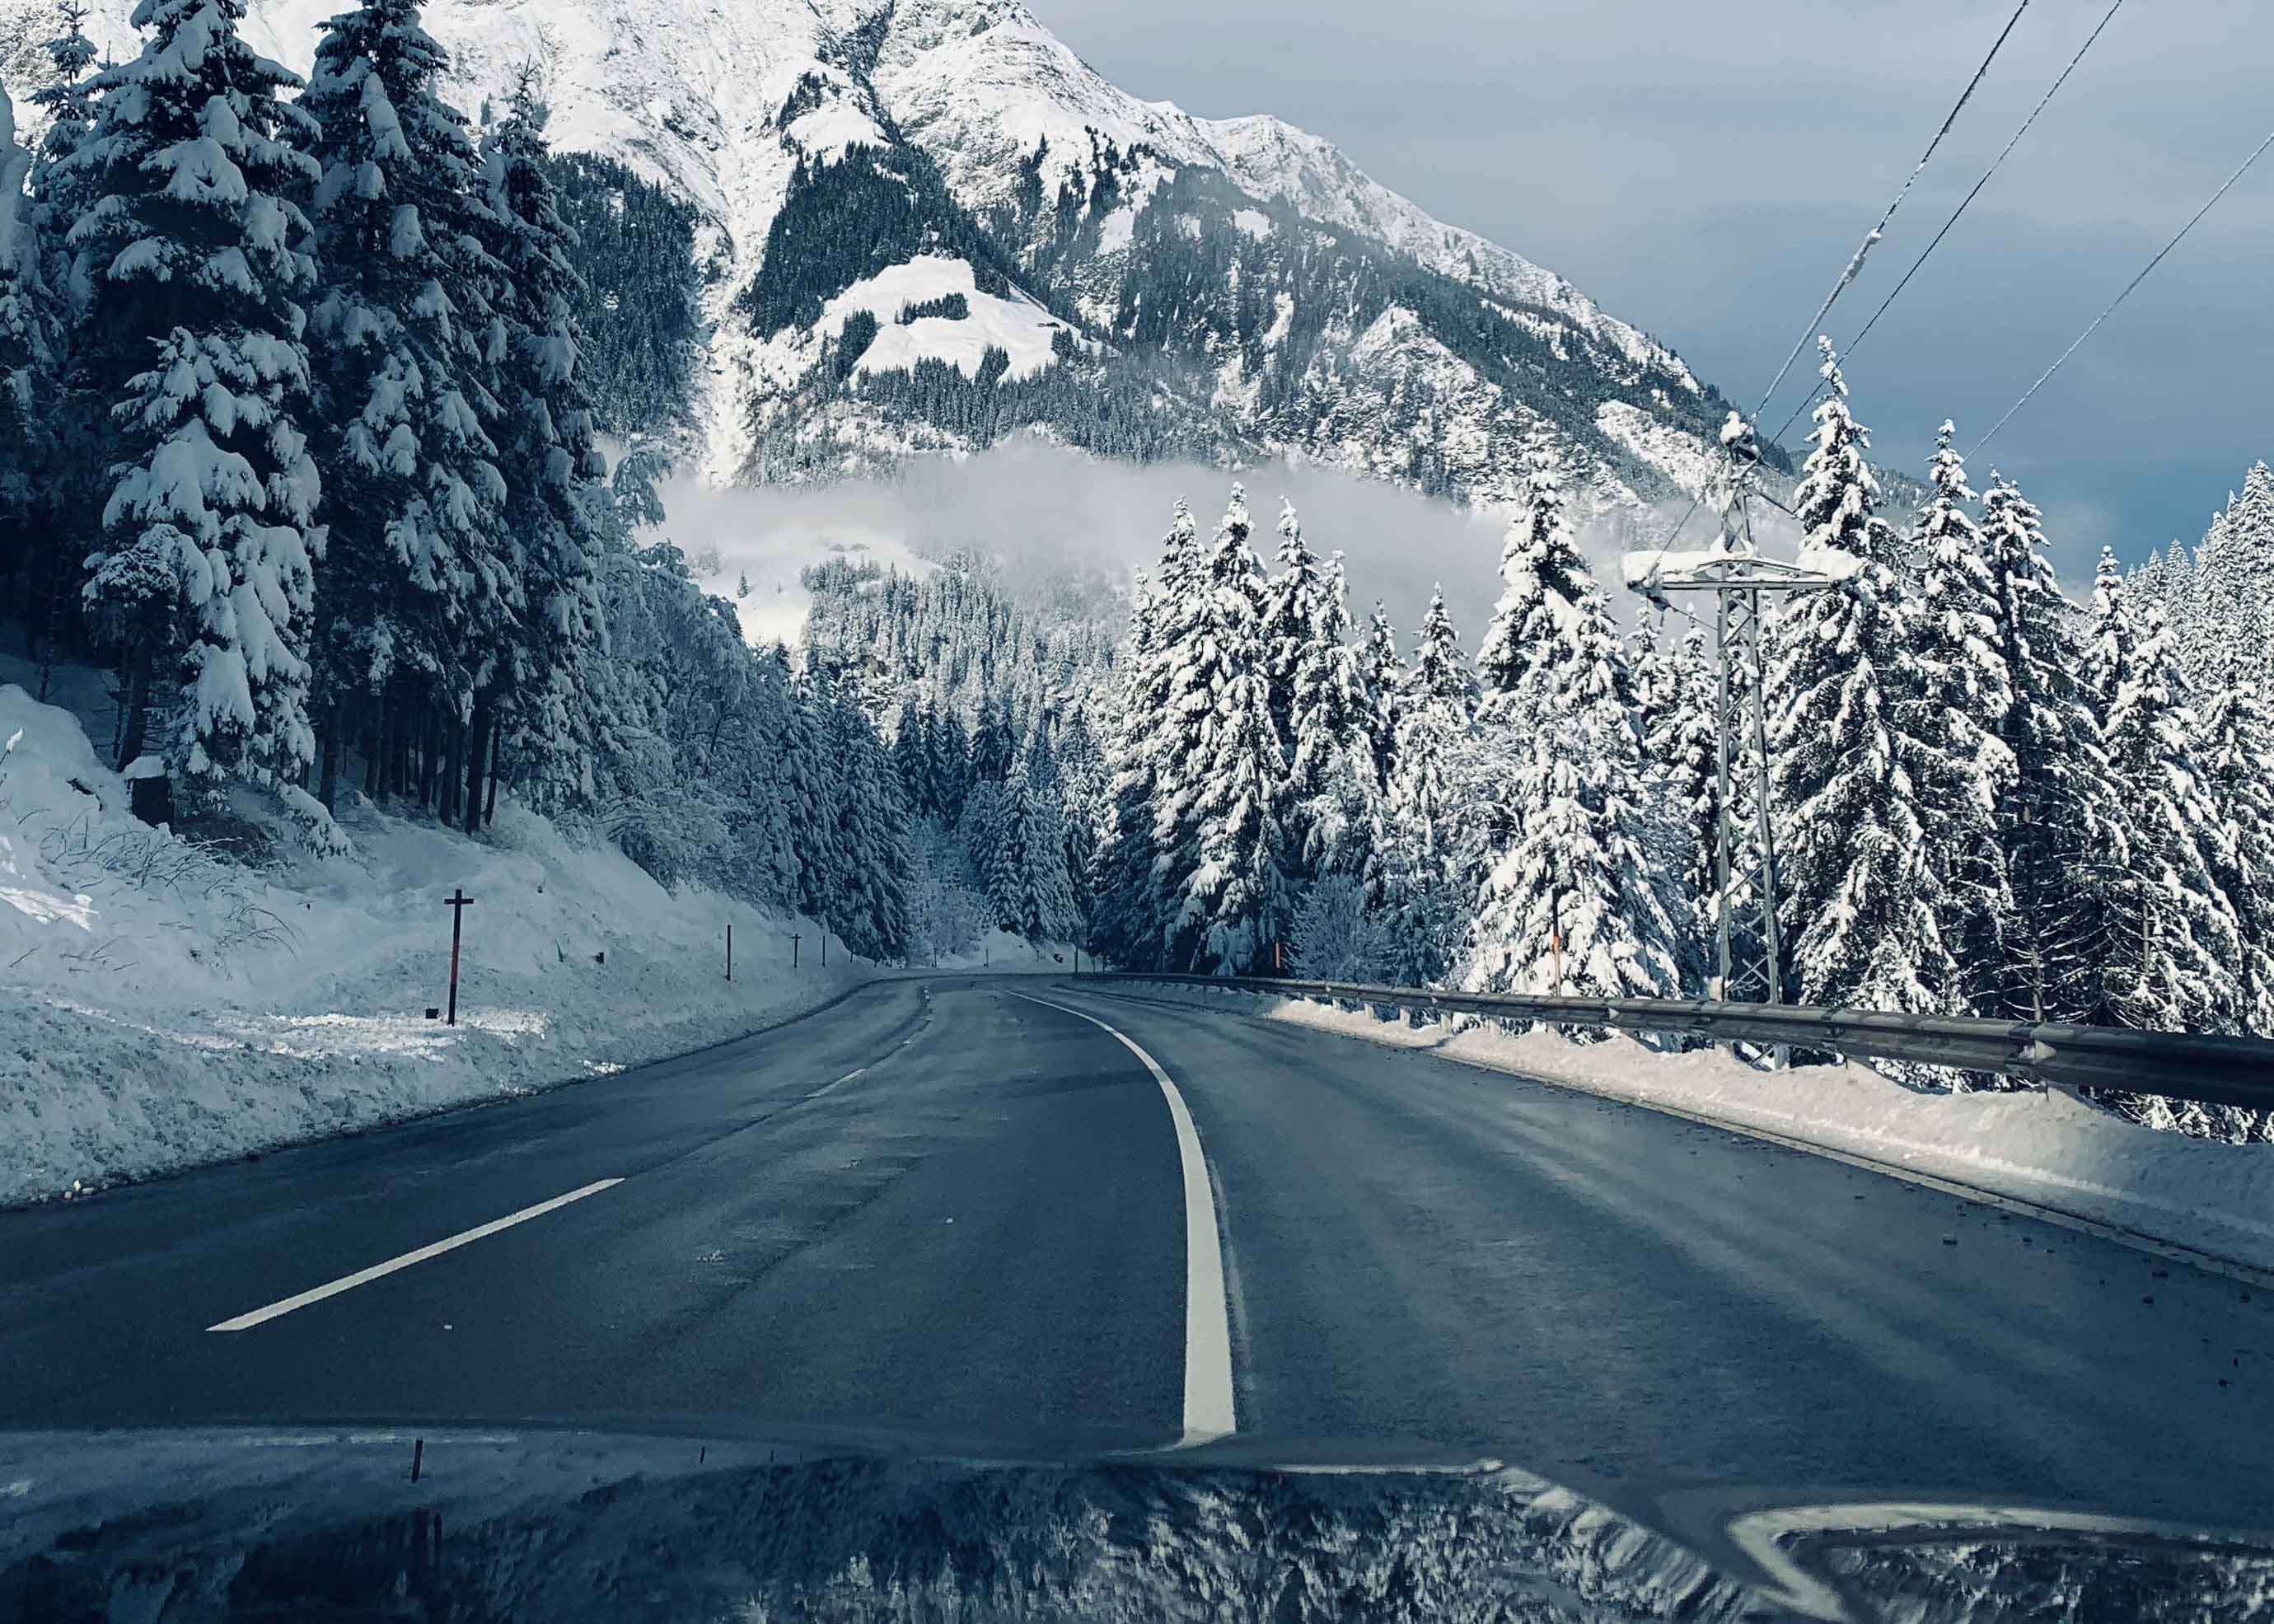 Cómo conducir con hielo en el asfalto